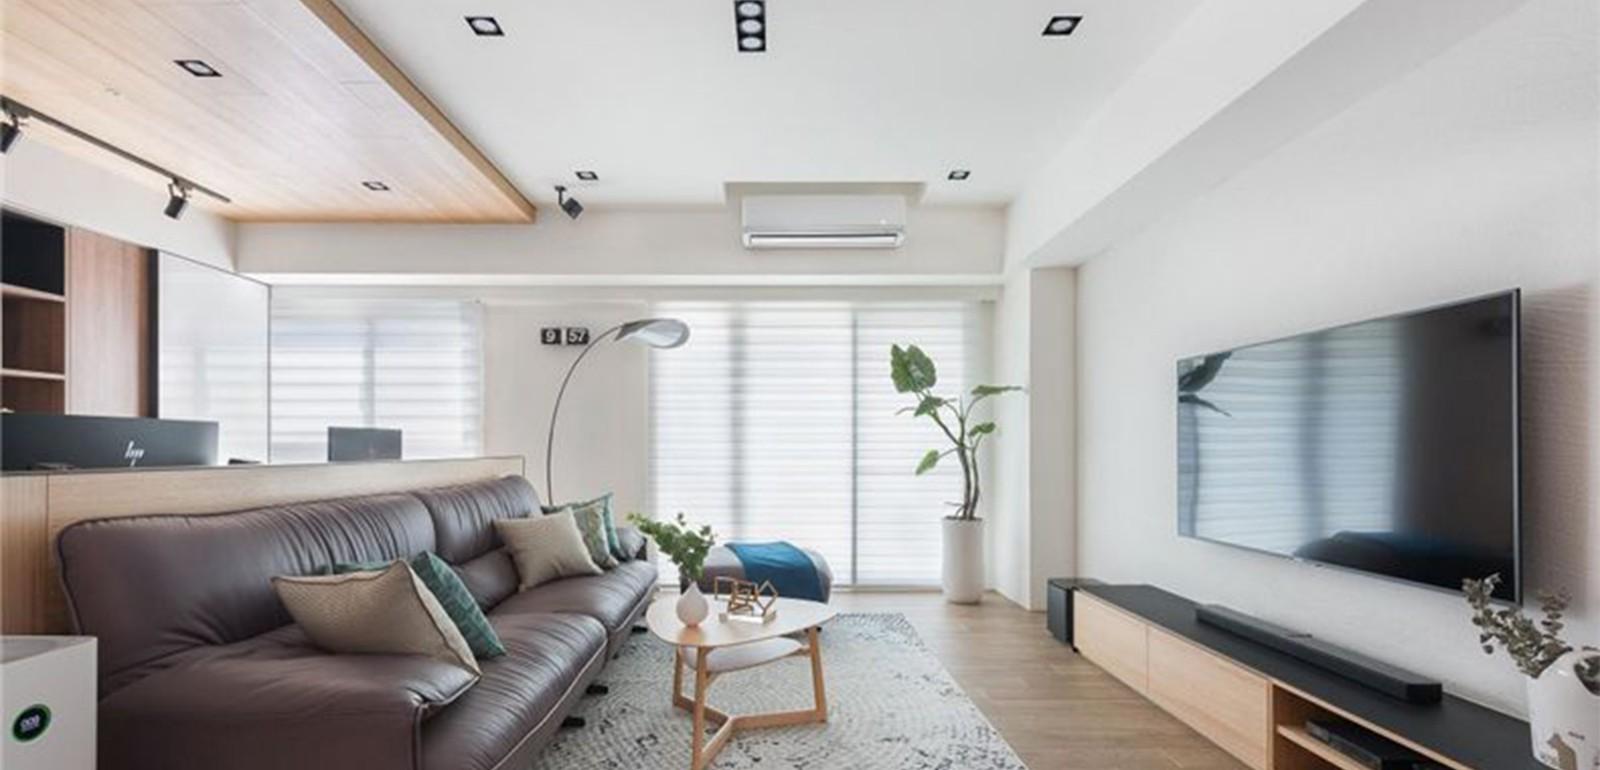 室内健康舒适声环境该如何营造?